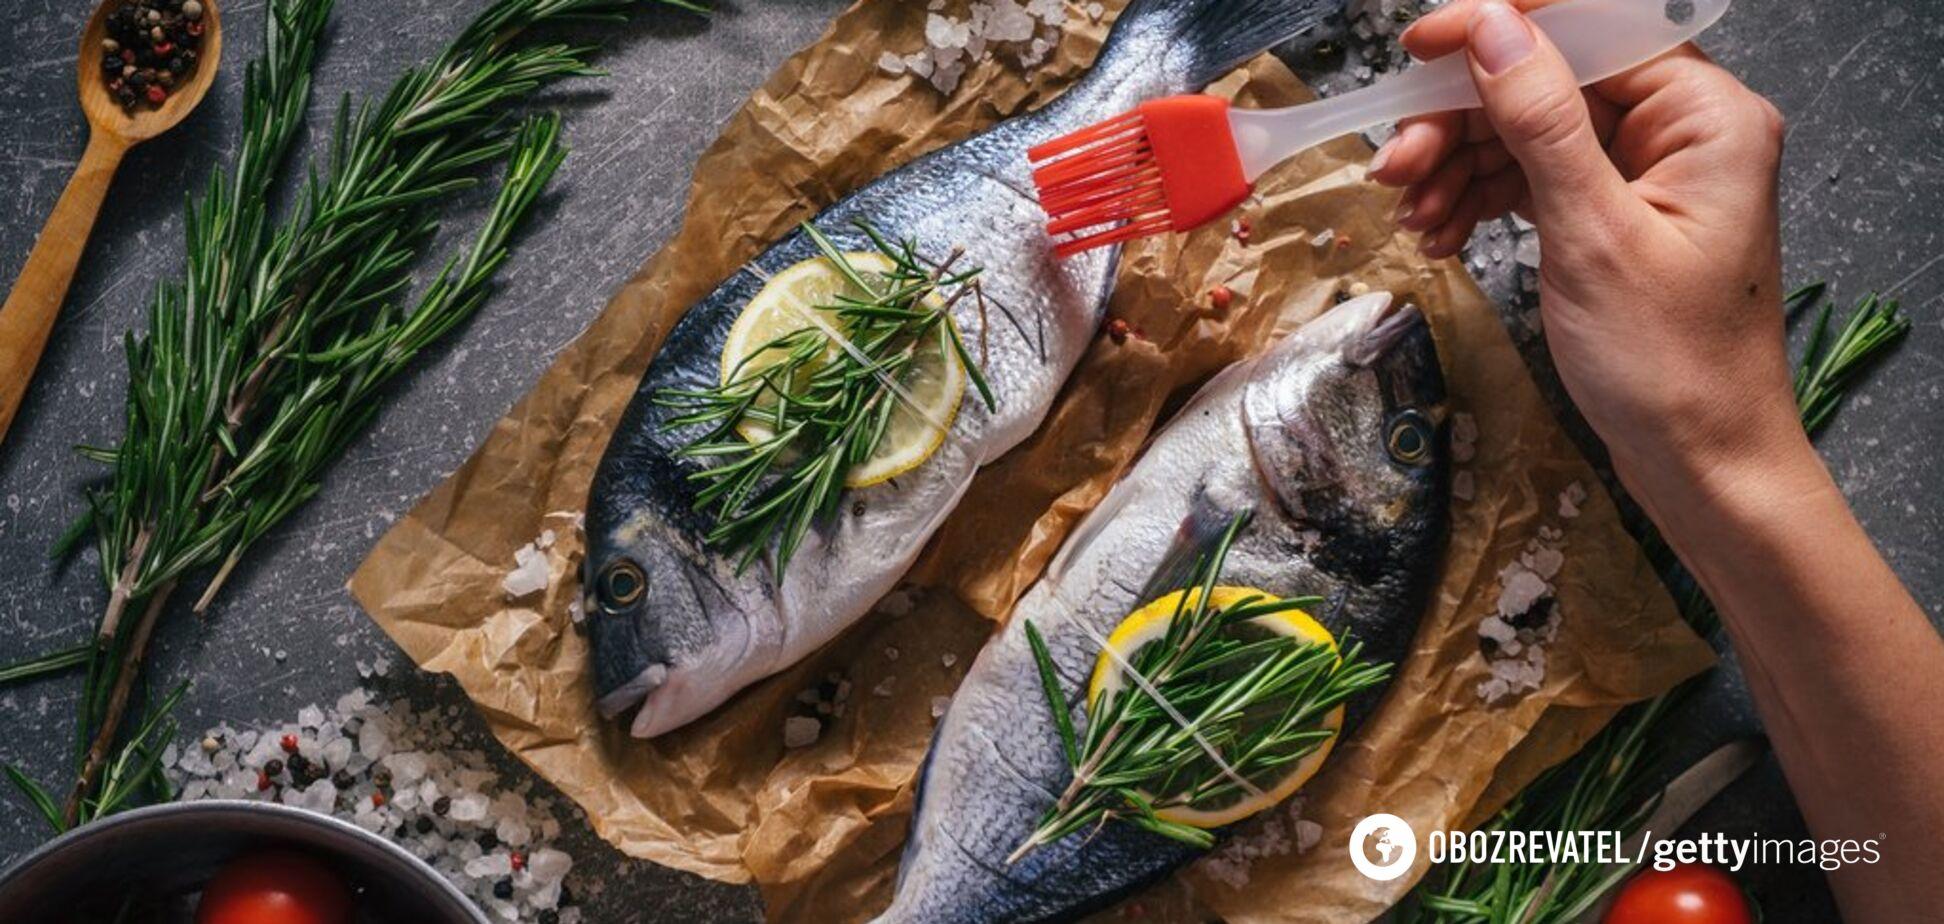 Риба для здорового харчування: топ-5 найбільш корисних і недорогих різновидів